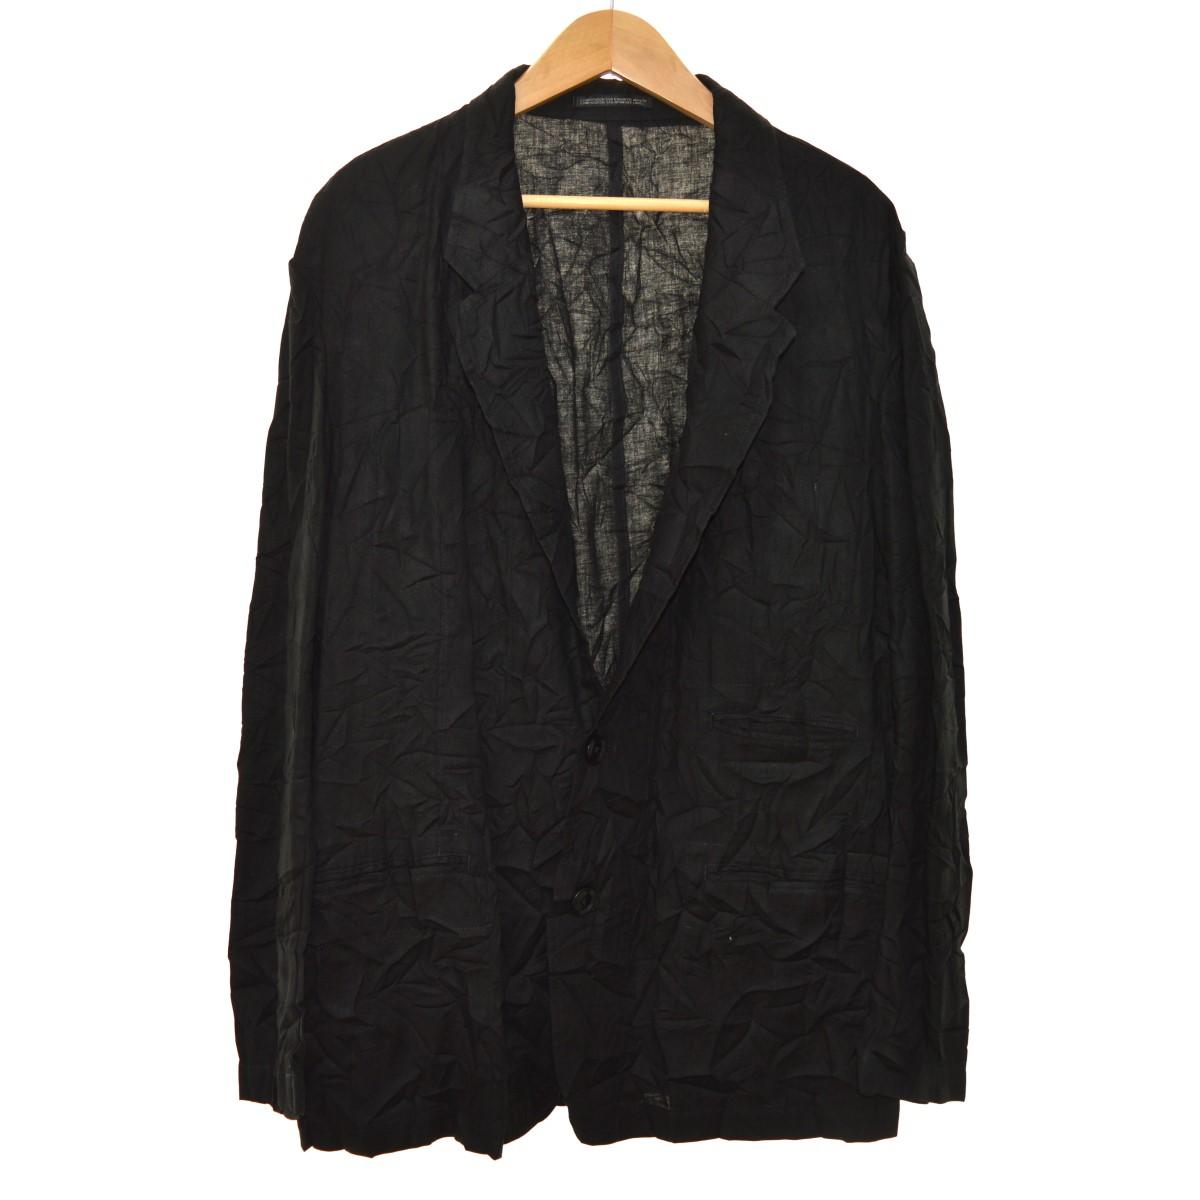 【中古】YOHJI YAMAMOTO pour homme 19SS 綿麻ツイル シワ加工 テーラードジャケット ブラック サイズ:3 【130220】(ヨウジヤマモトプールオム)